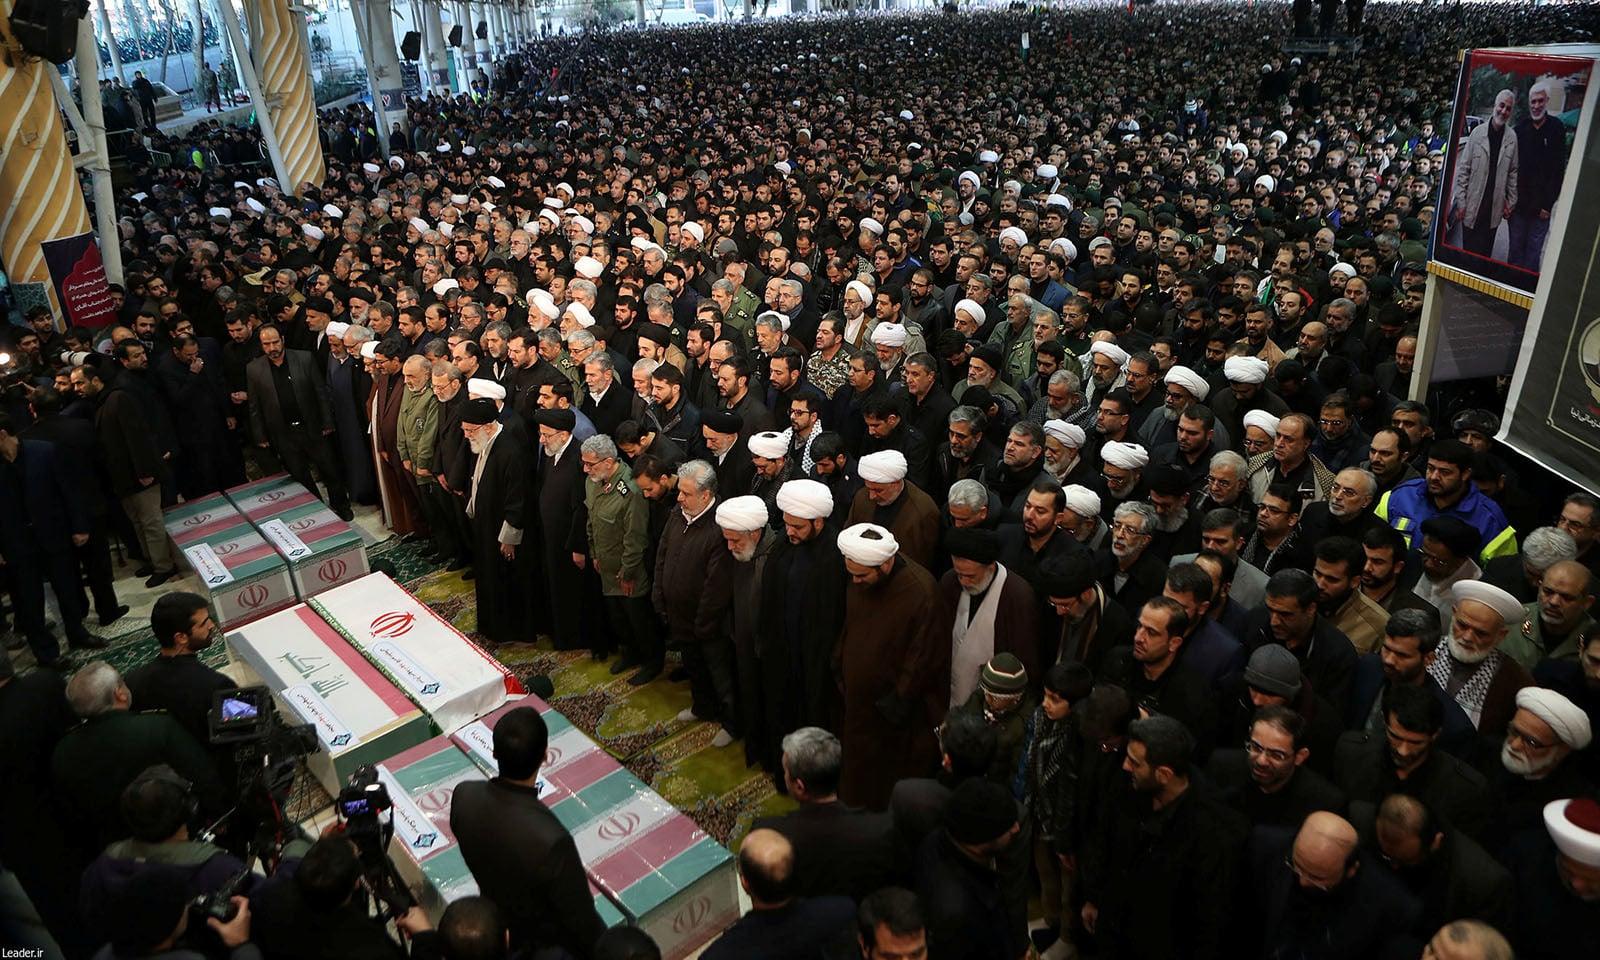 نماز جنازہ میں ایران کے سپریم لیڈر آیت اللہ خامنہ ای کے ہمراہ حسن روحانی سمیت دیگر حکام بھی شریک تھے — فوٹو: رائٹرز